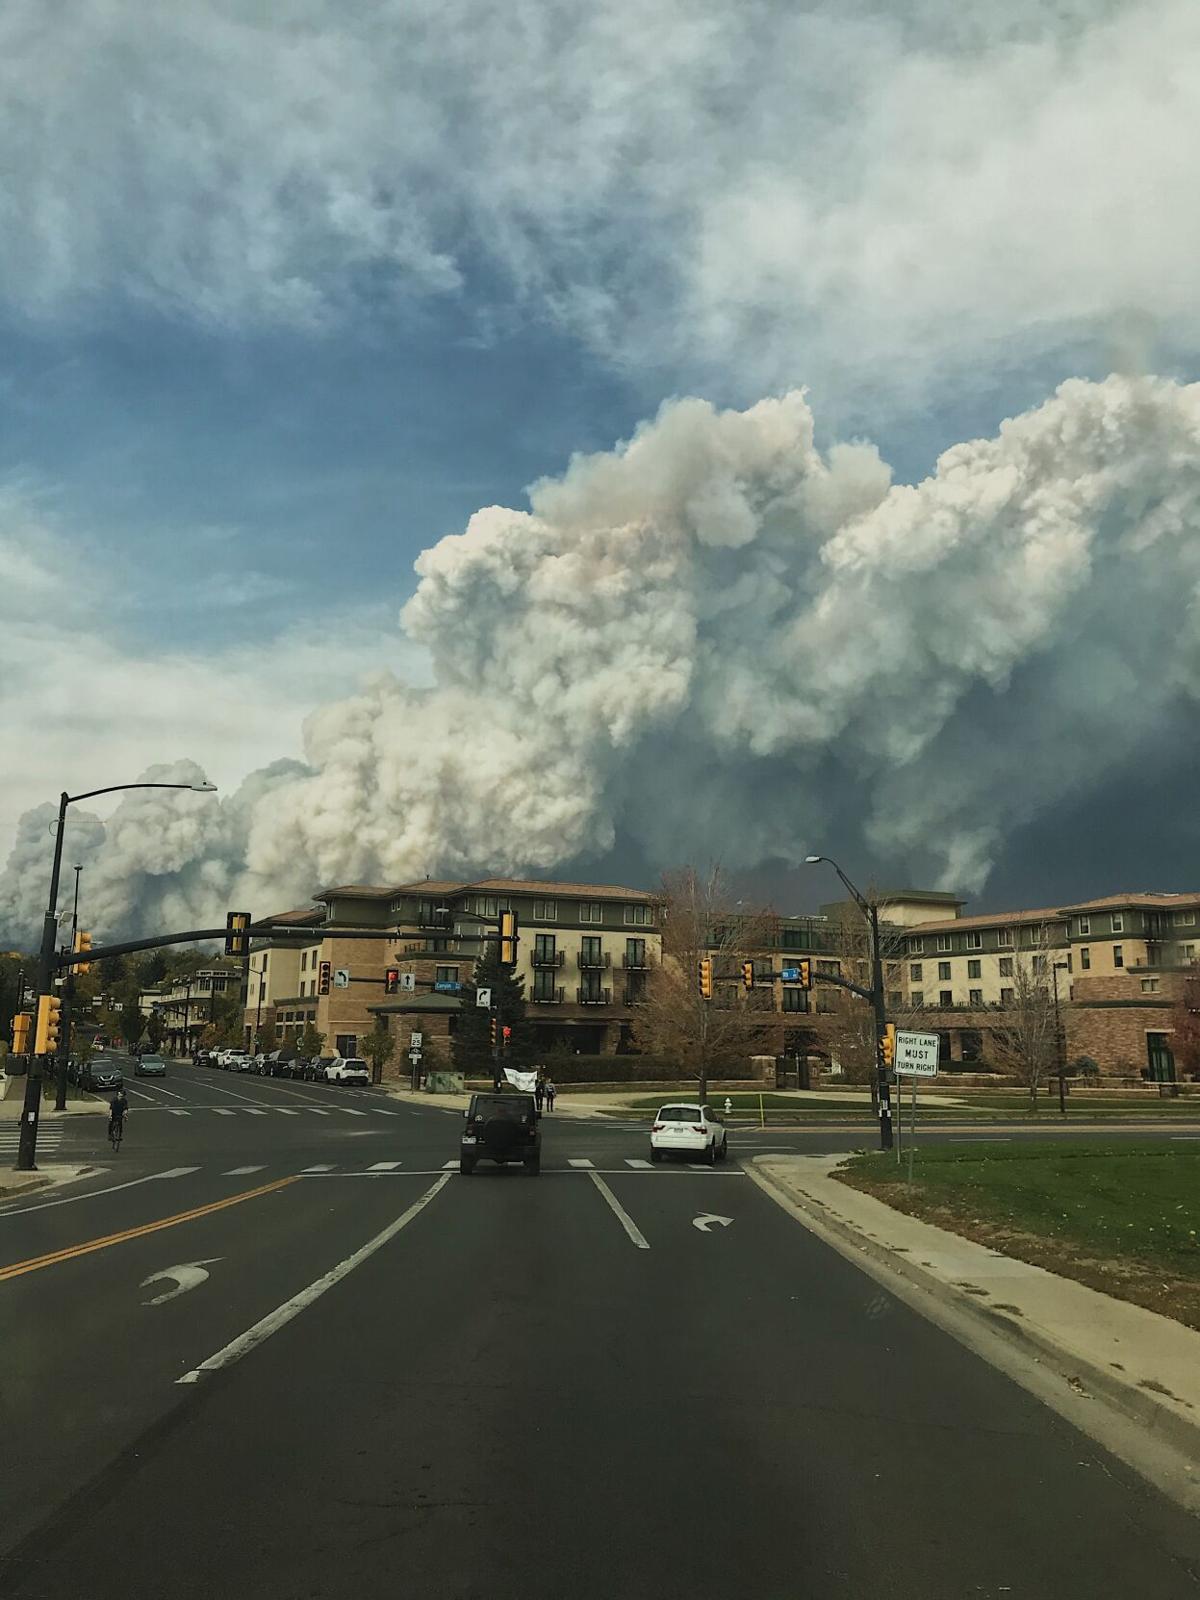 Firing burning in Jamestown